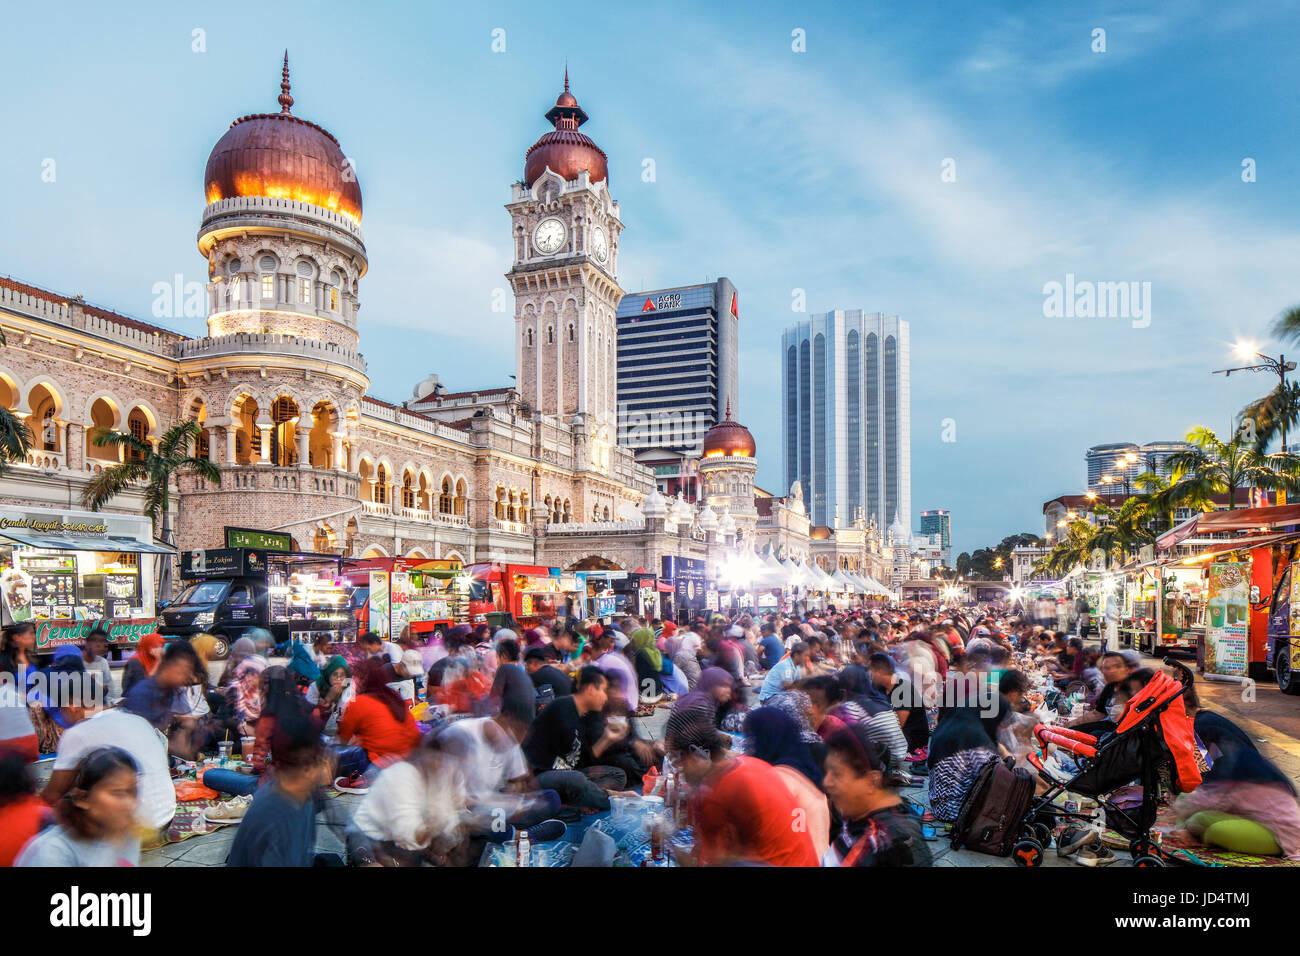 Los medios de ruptura del ayuno durante el mes de syawal en Plaza Merdeka, Kuala Lumpur. Imagen De Stock